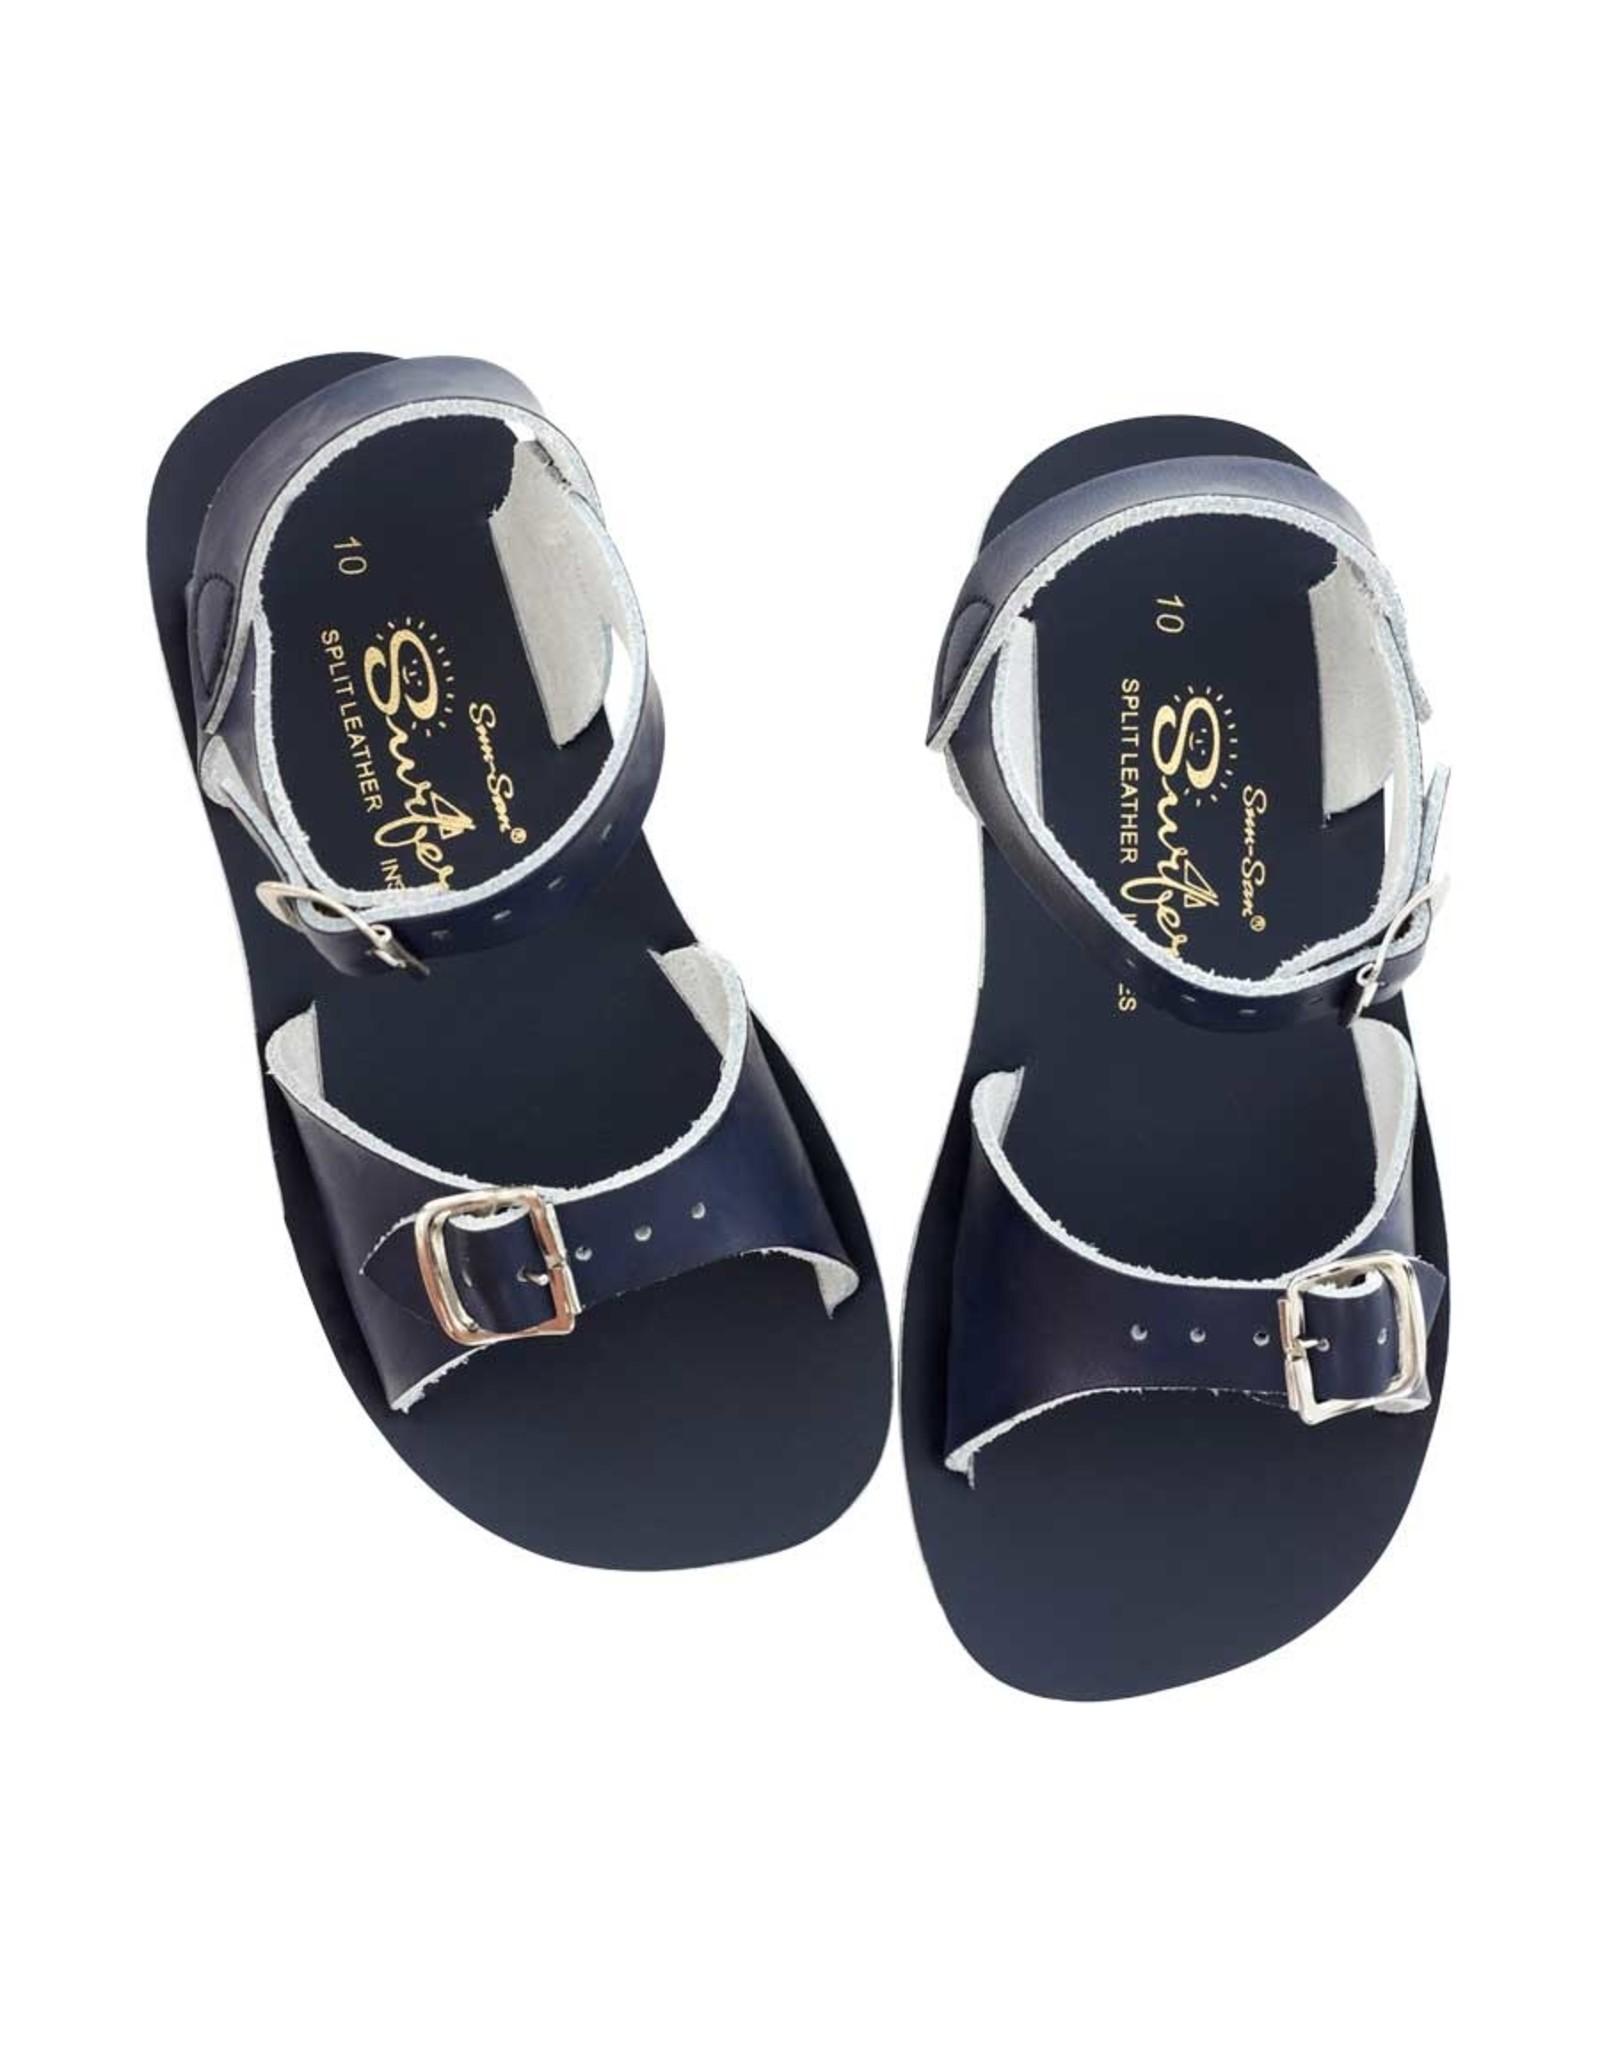 Salt Water Sandals surfer navy